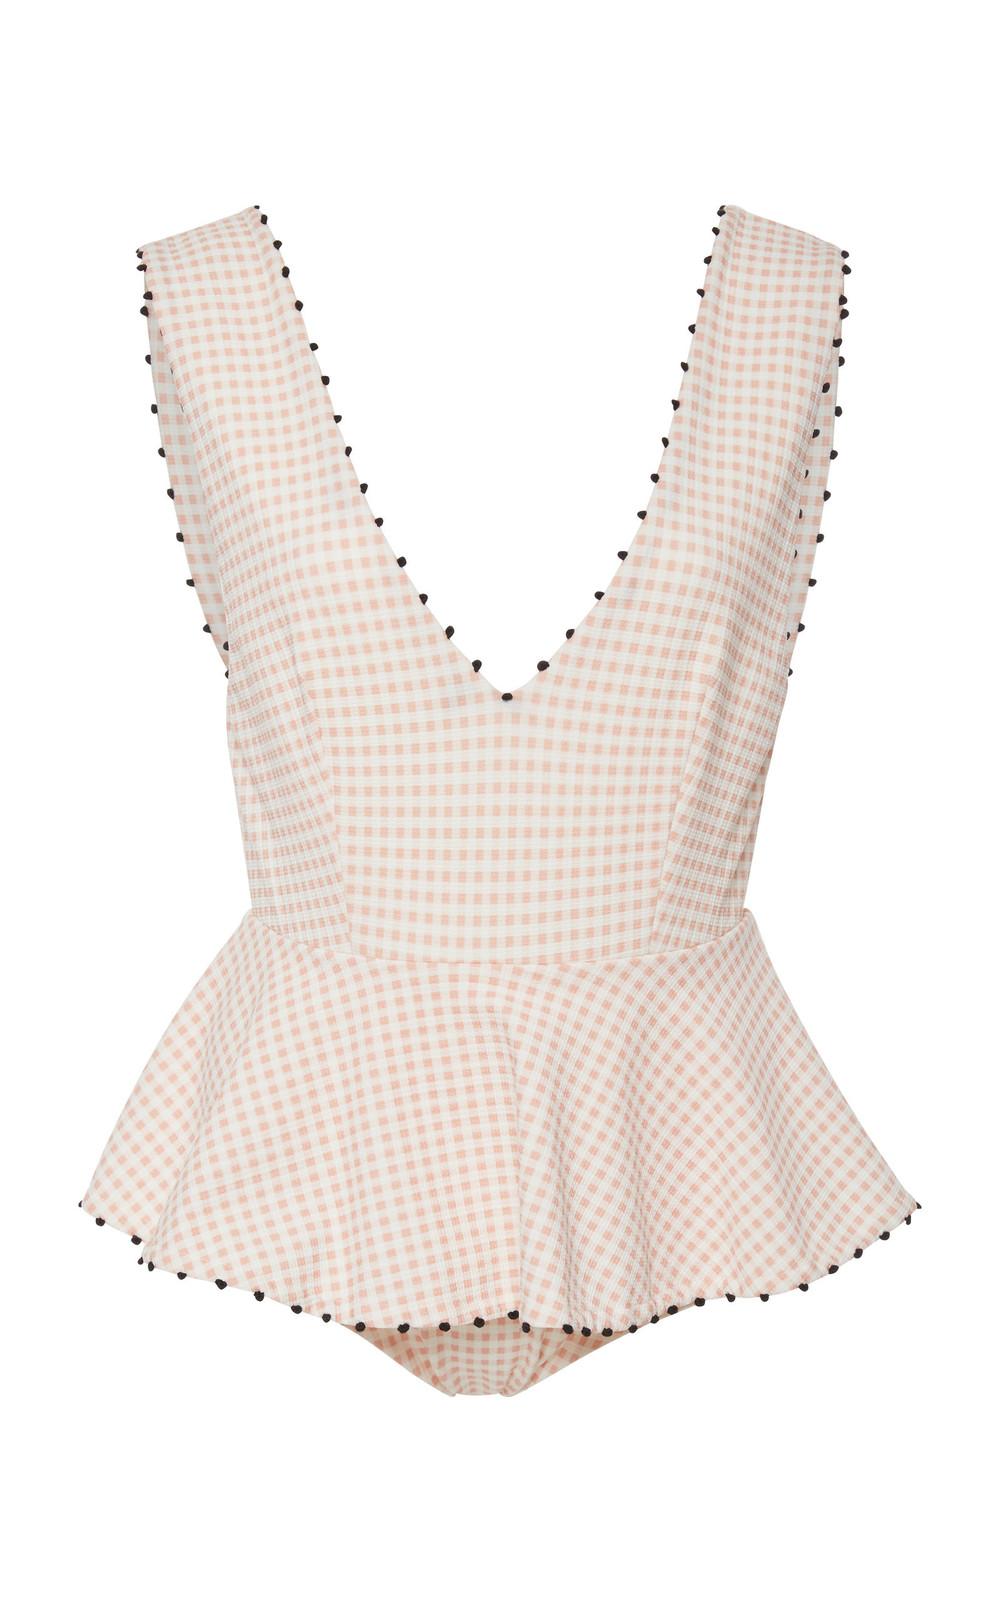 Marysia Swim Gramercy One-Piece Swimsuit in pink